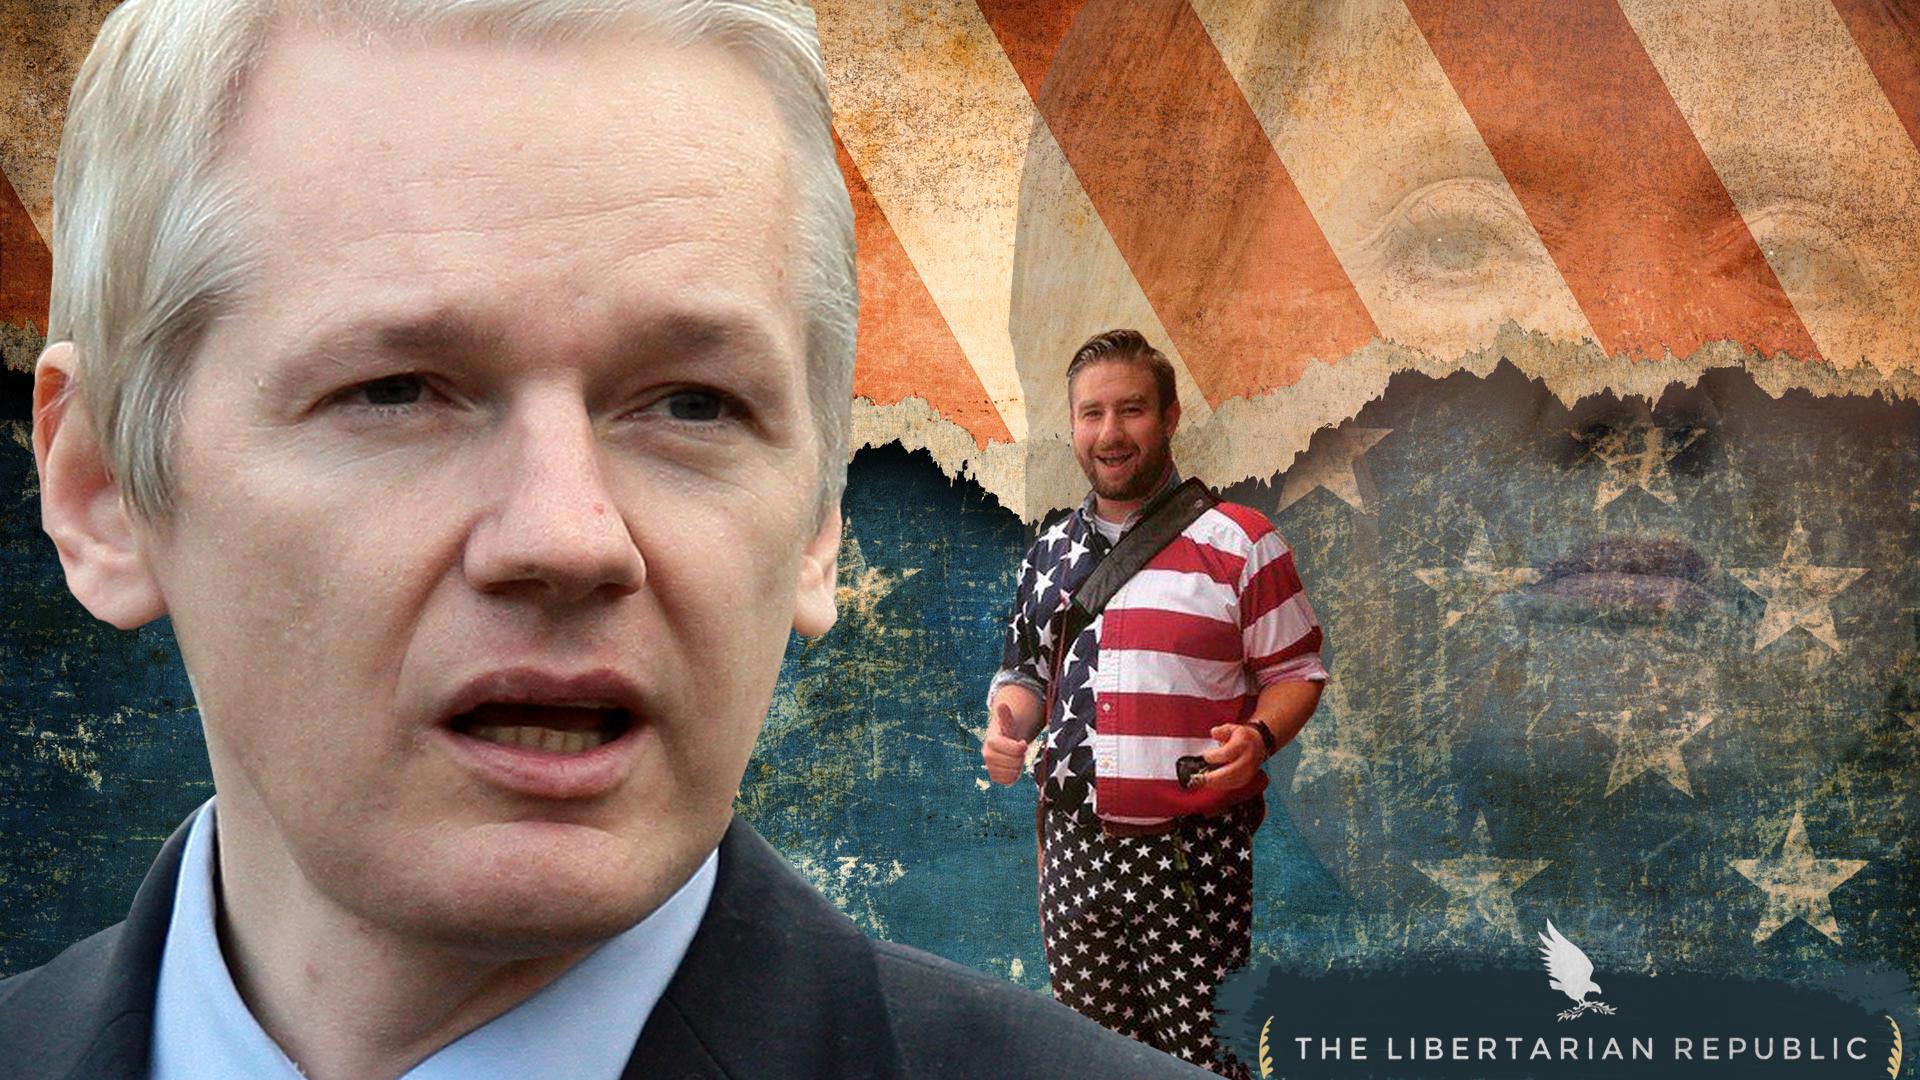 Wikileaks Julian Assange